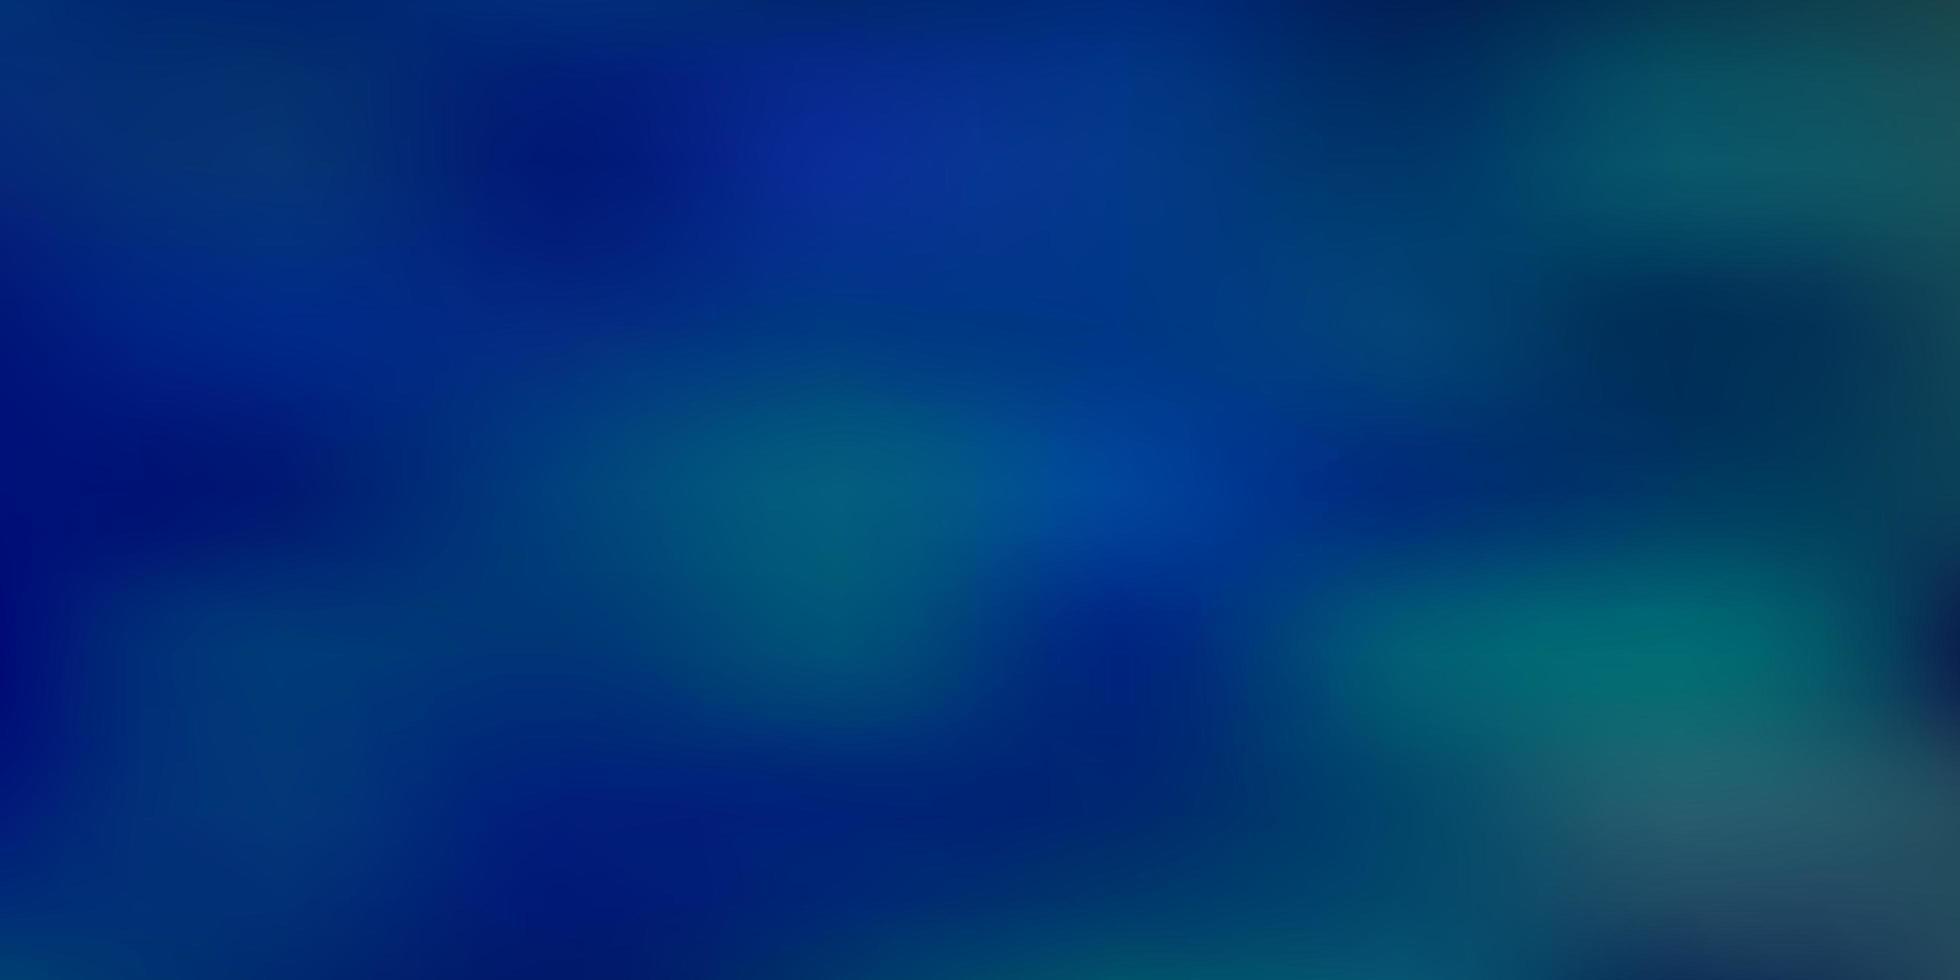 sfondo sfocato vettoriale blu chiaro.